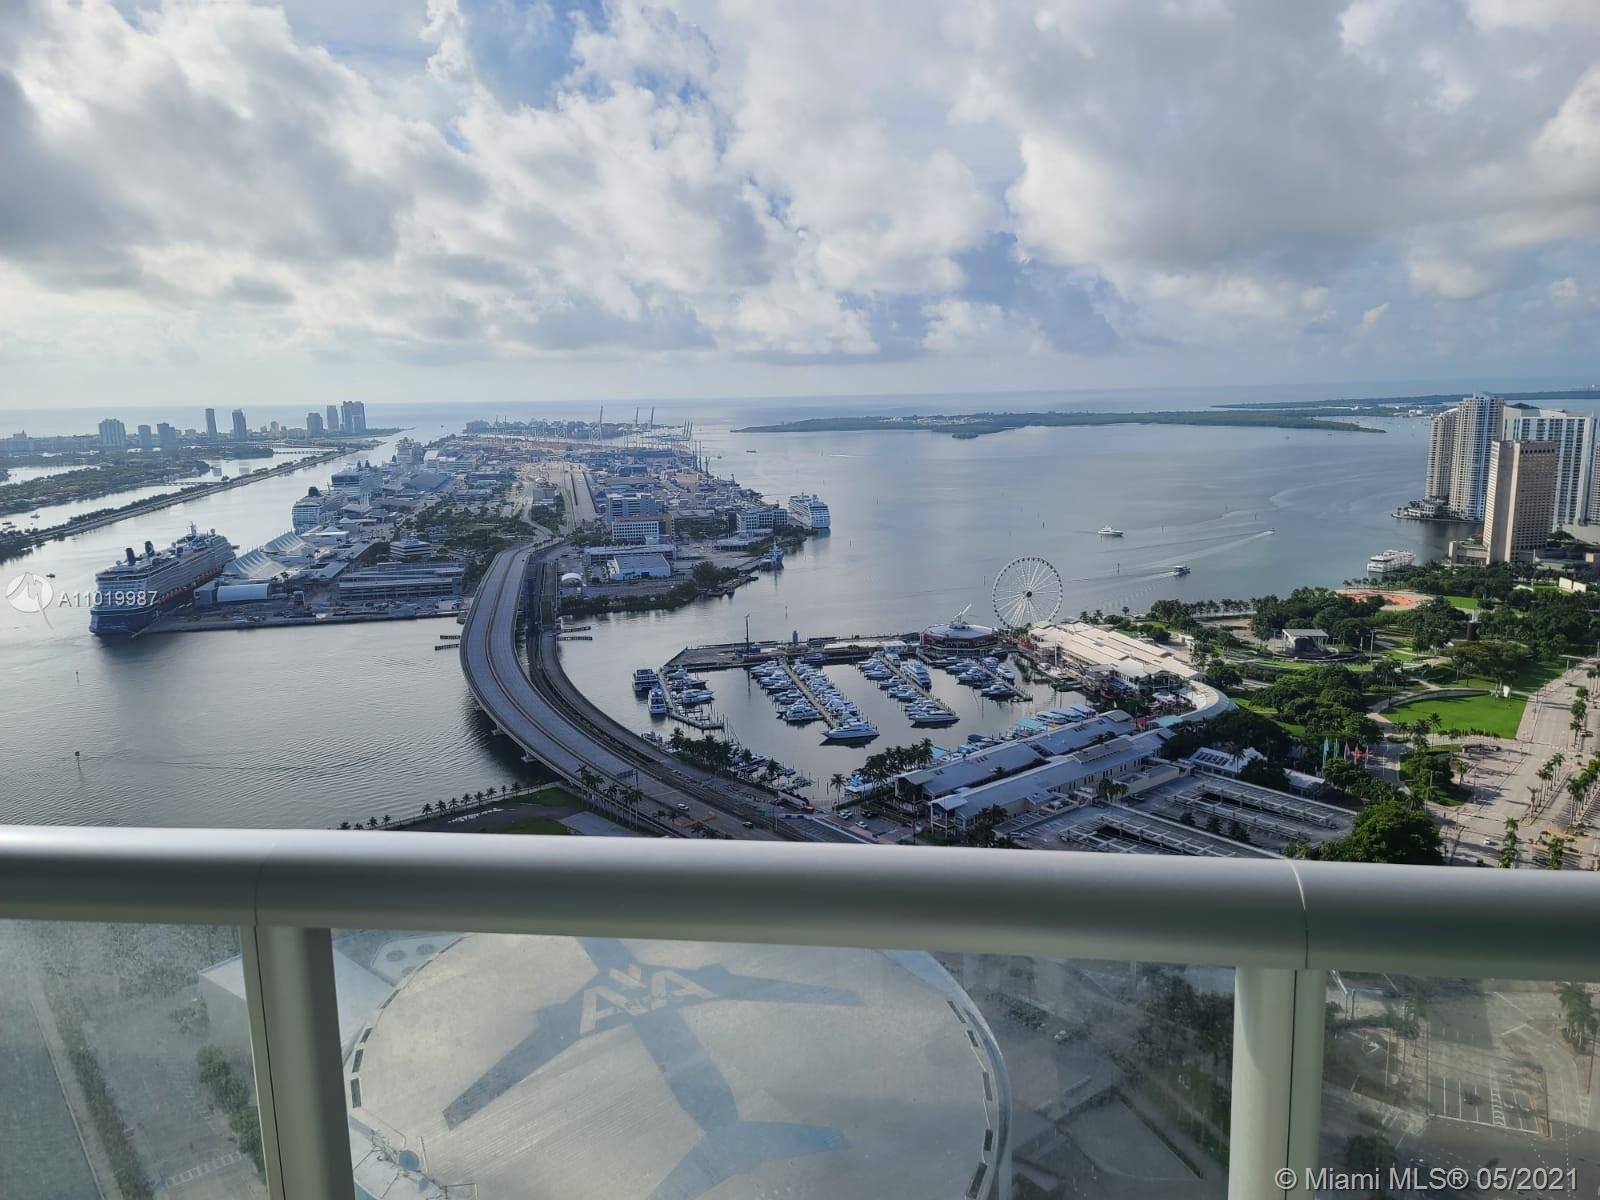 888 Biscayne Blvd #5507, Miami, FL 33132 - #: A11019987